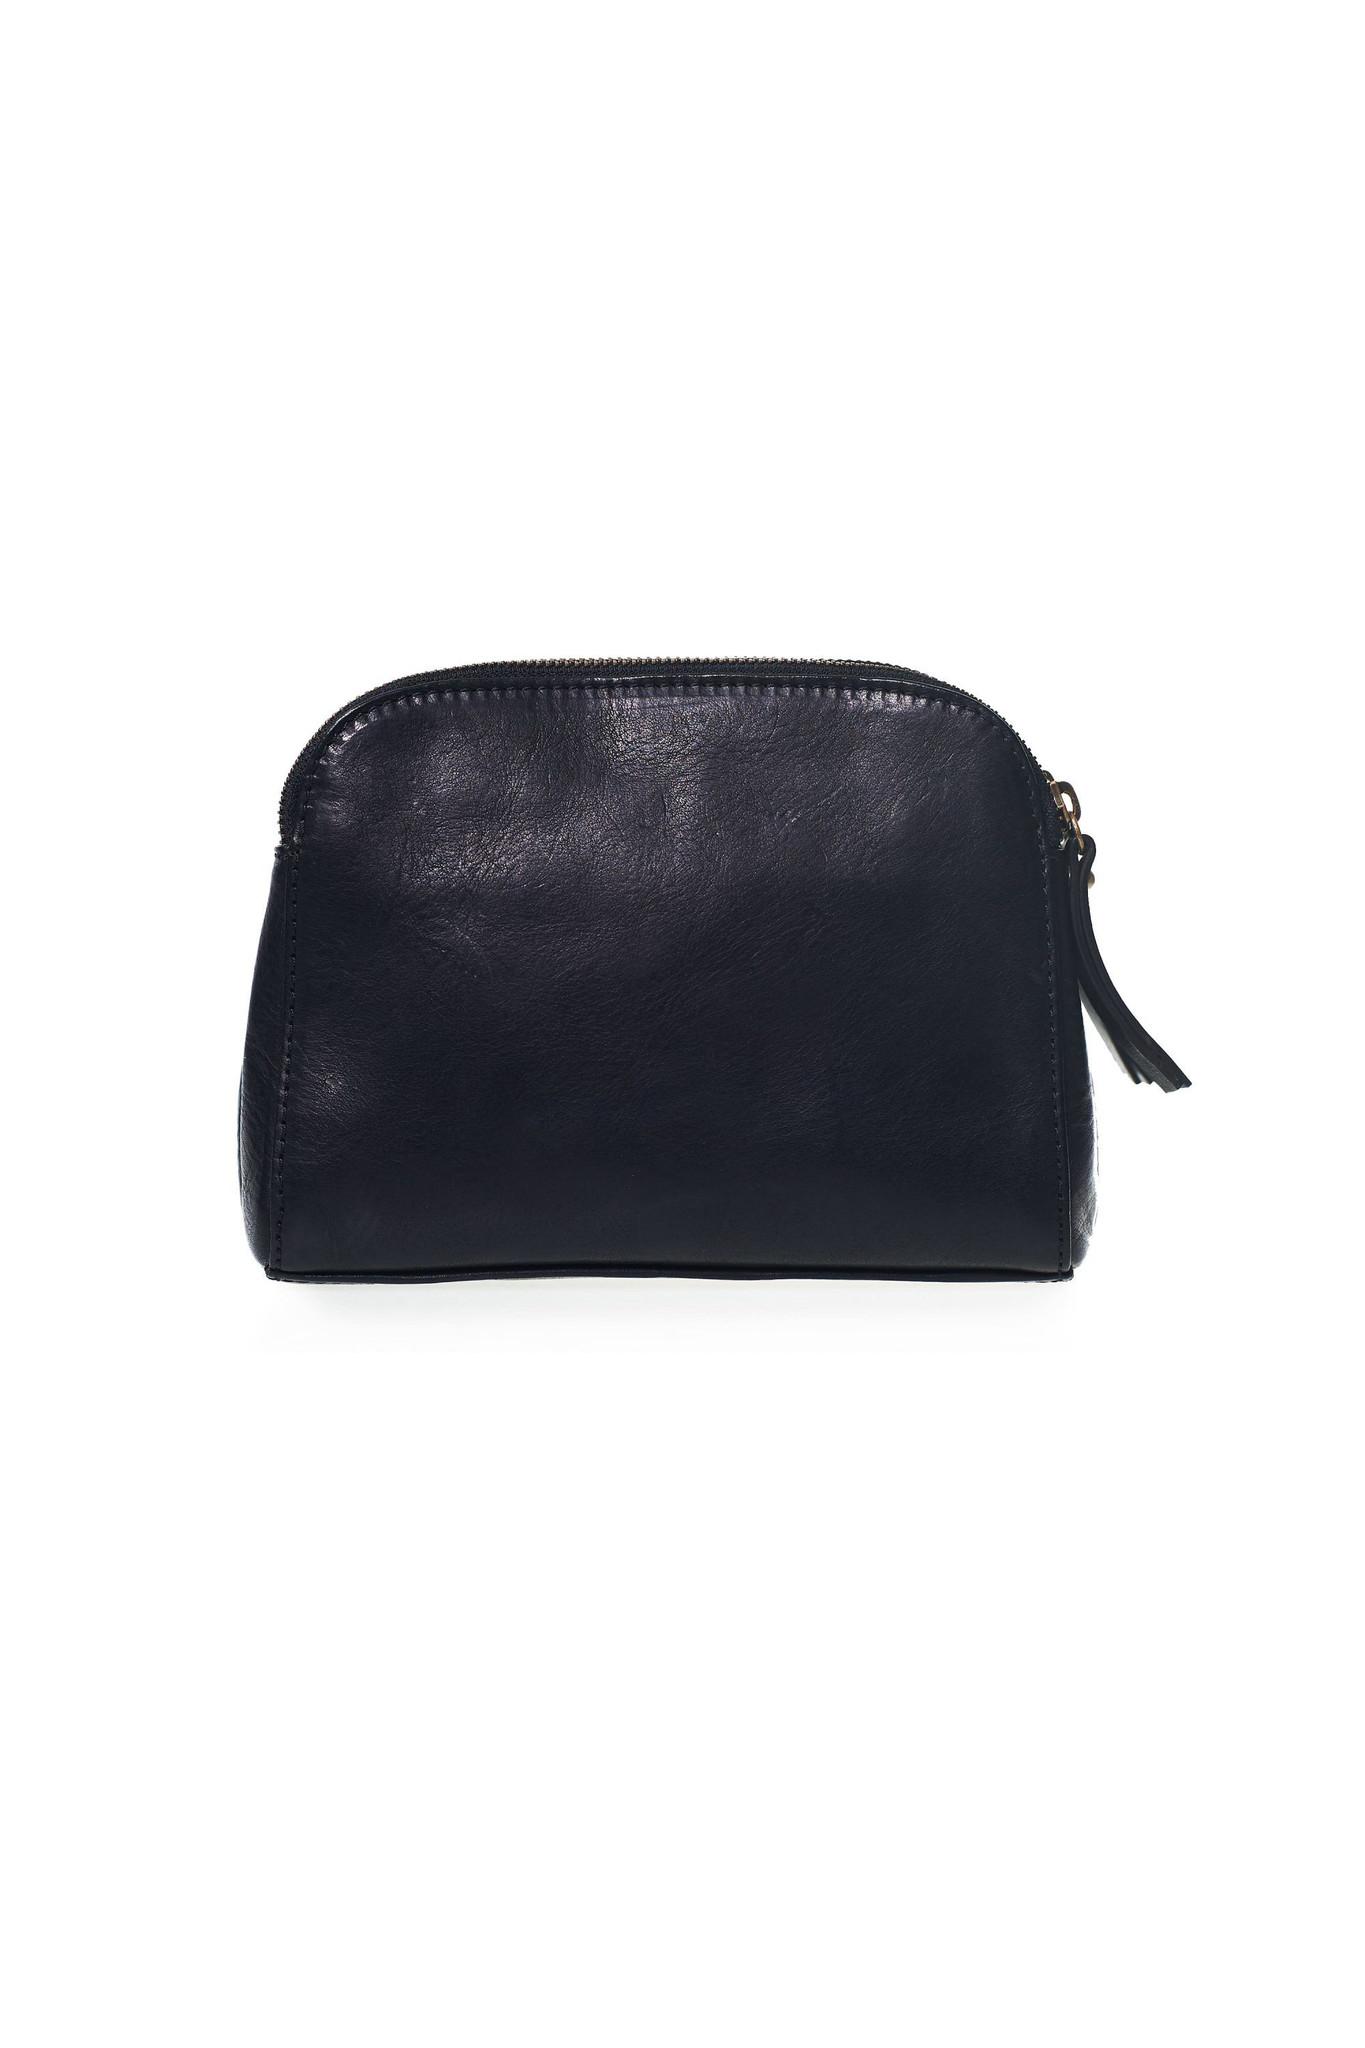 Emily Bag - Black Eco Stromboli Leather-2